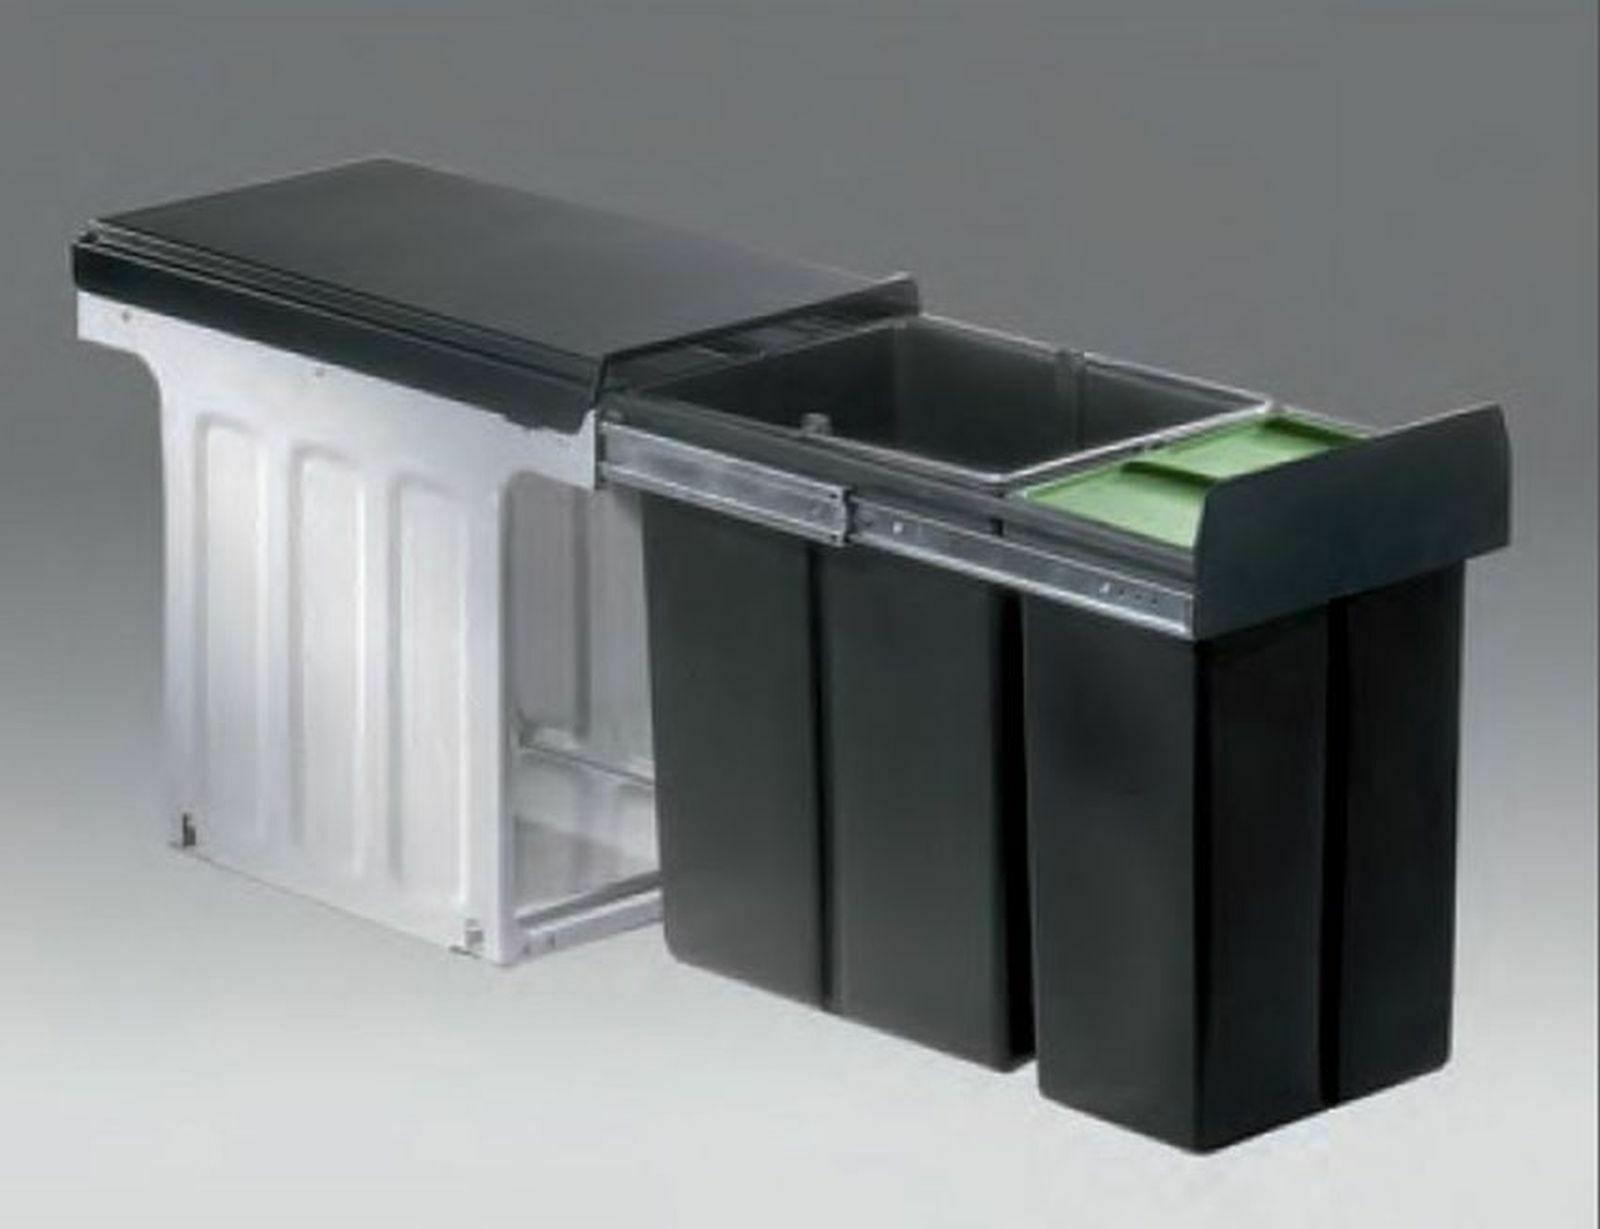 Einbau Mülleimer Küche 24 L Wesco Abfalleimer Mülltrennung Müllsystem *40313